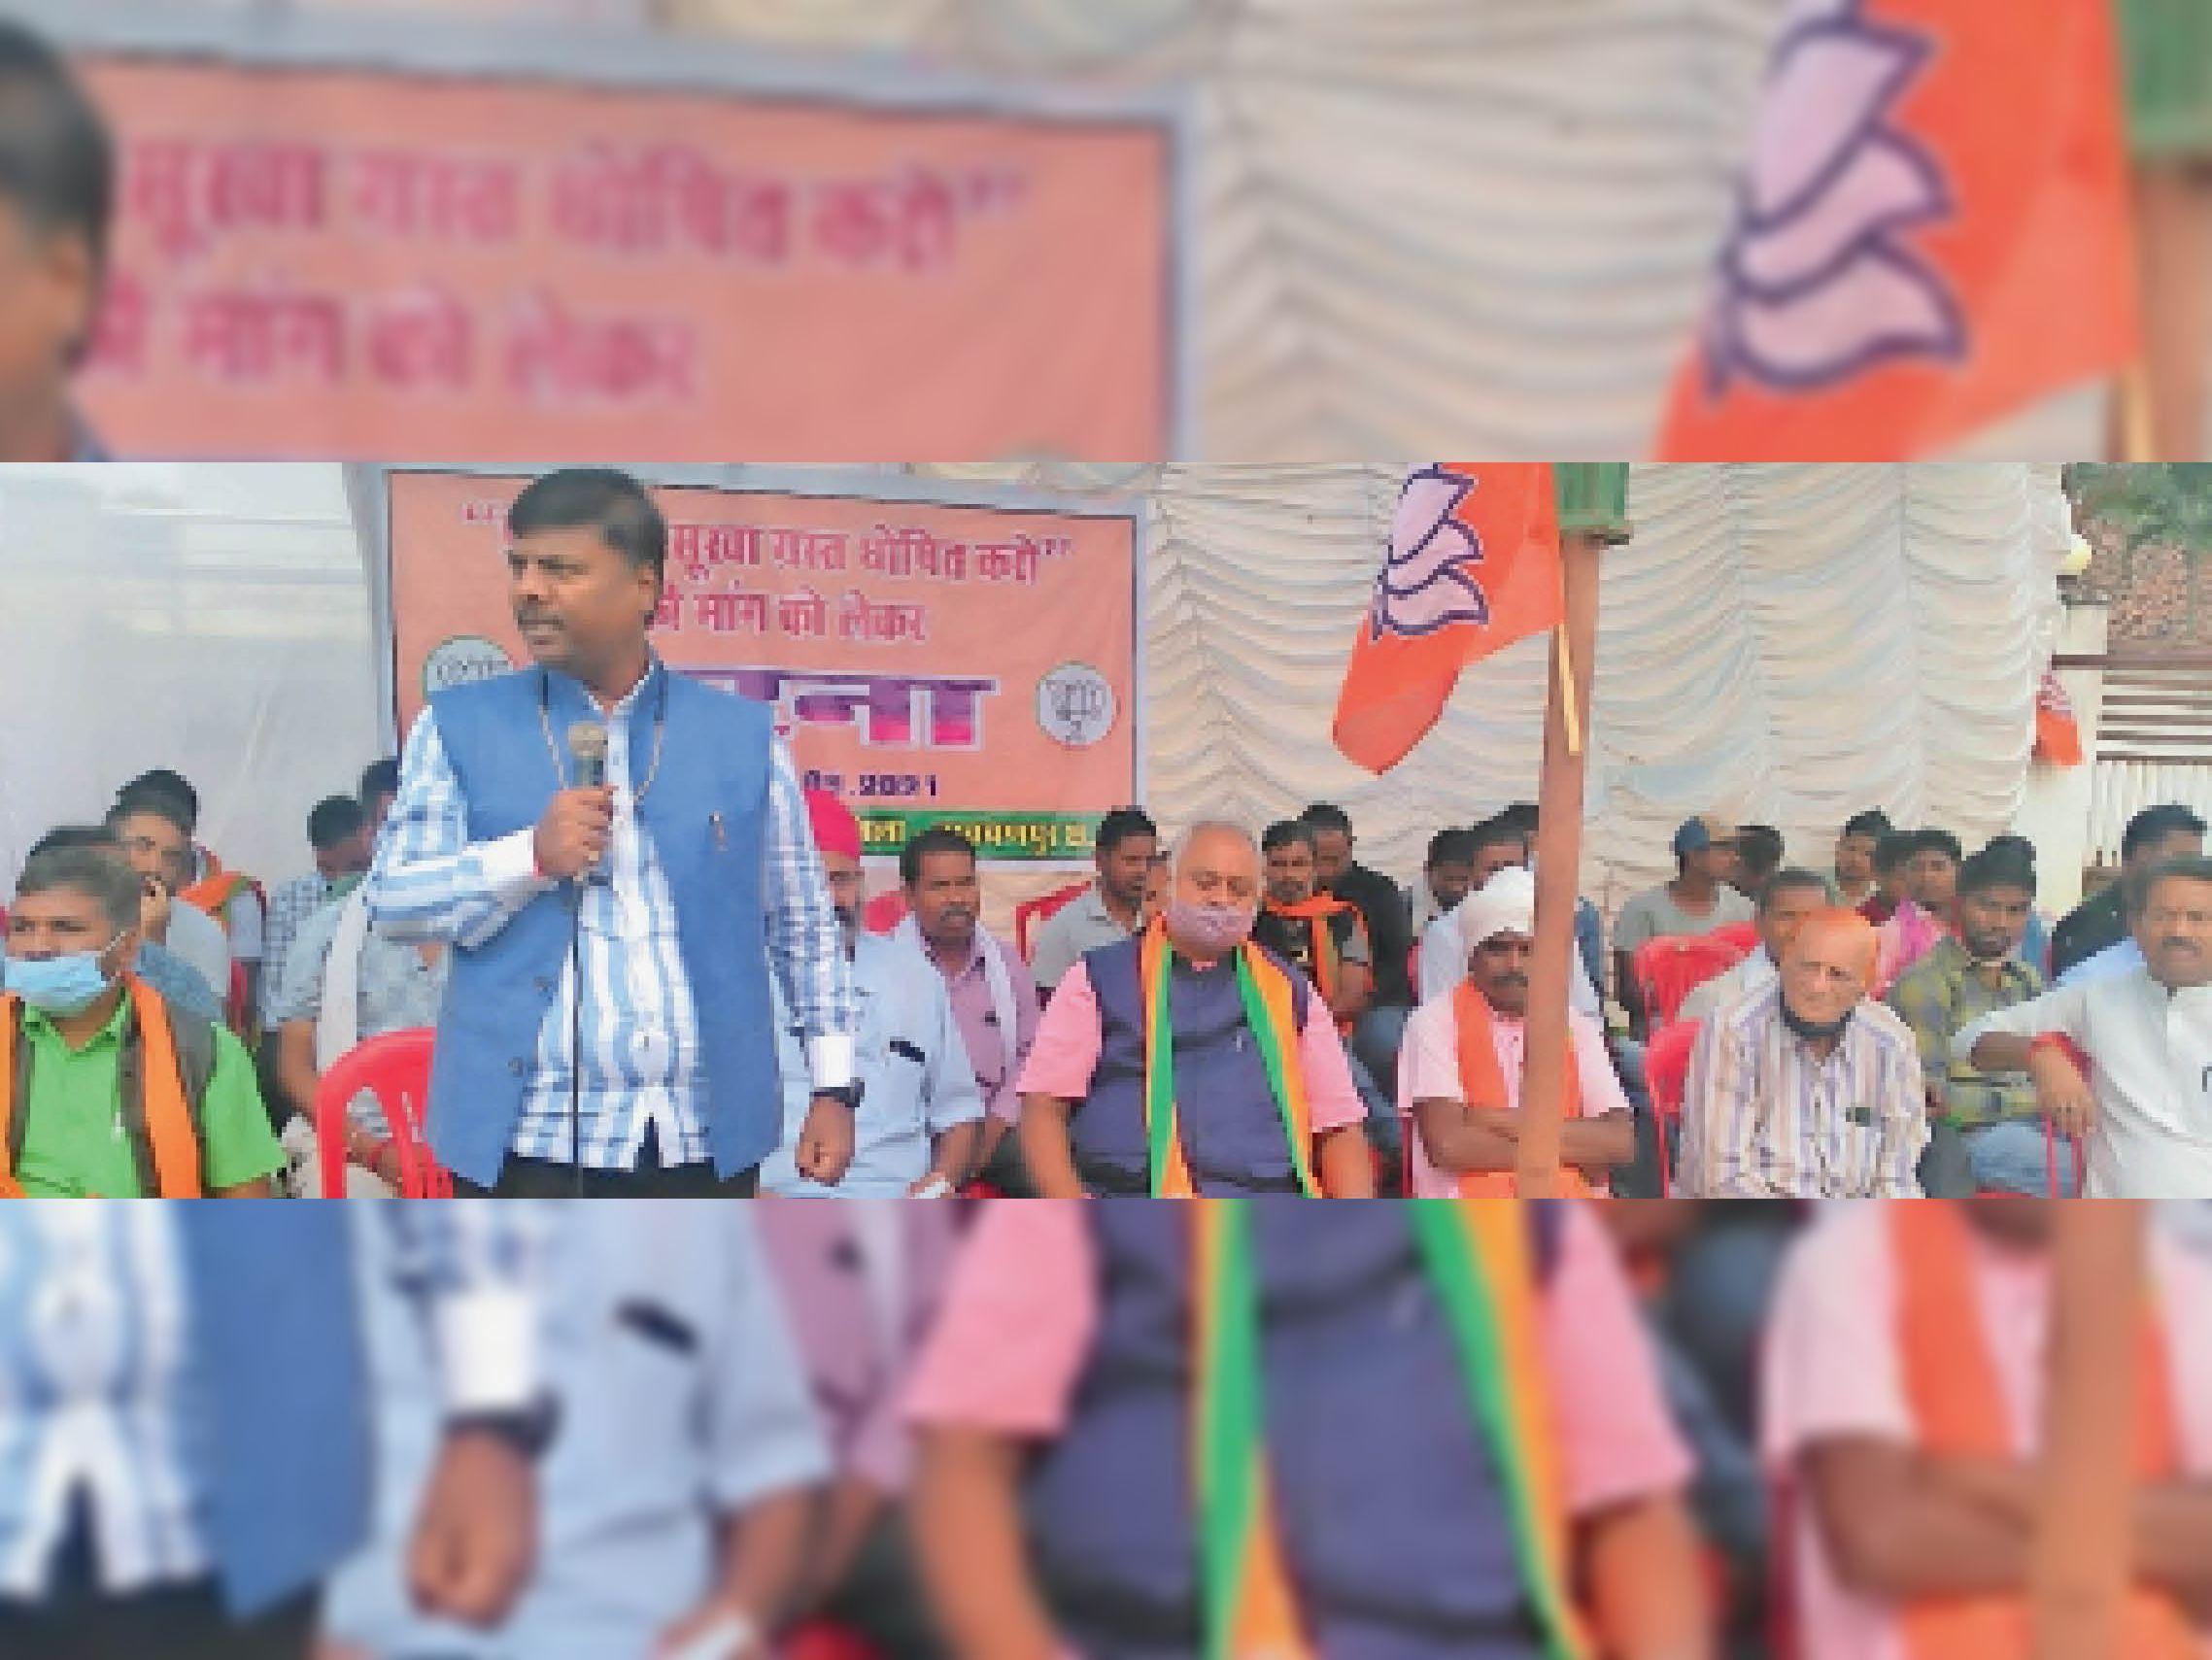 भाजपा किसान मोर्चा के धरना प्रदर्शन में शामिल किसानों को संबोधित करते पूर्व मंत्री। - Dainik Bhaskar